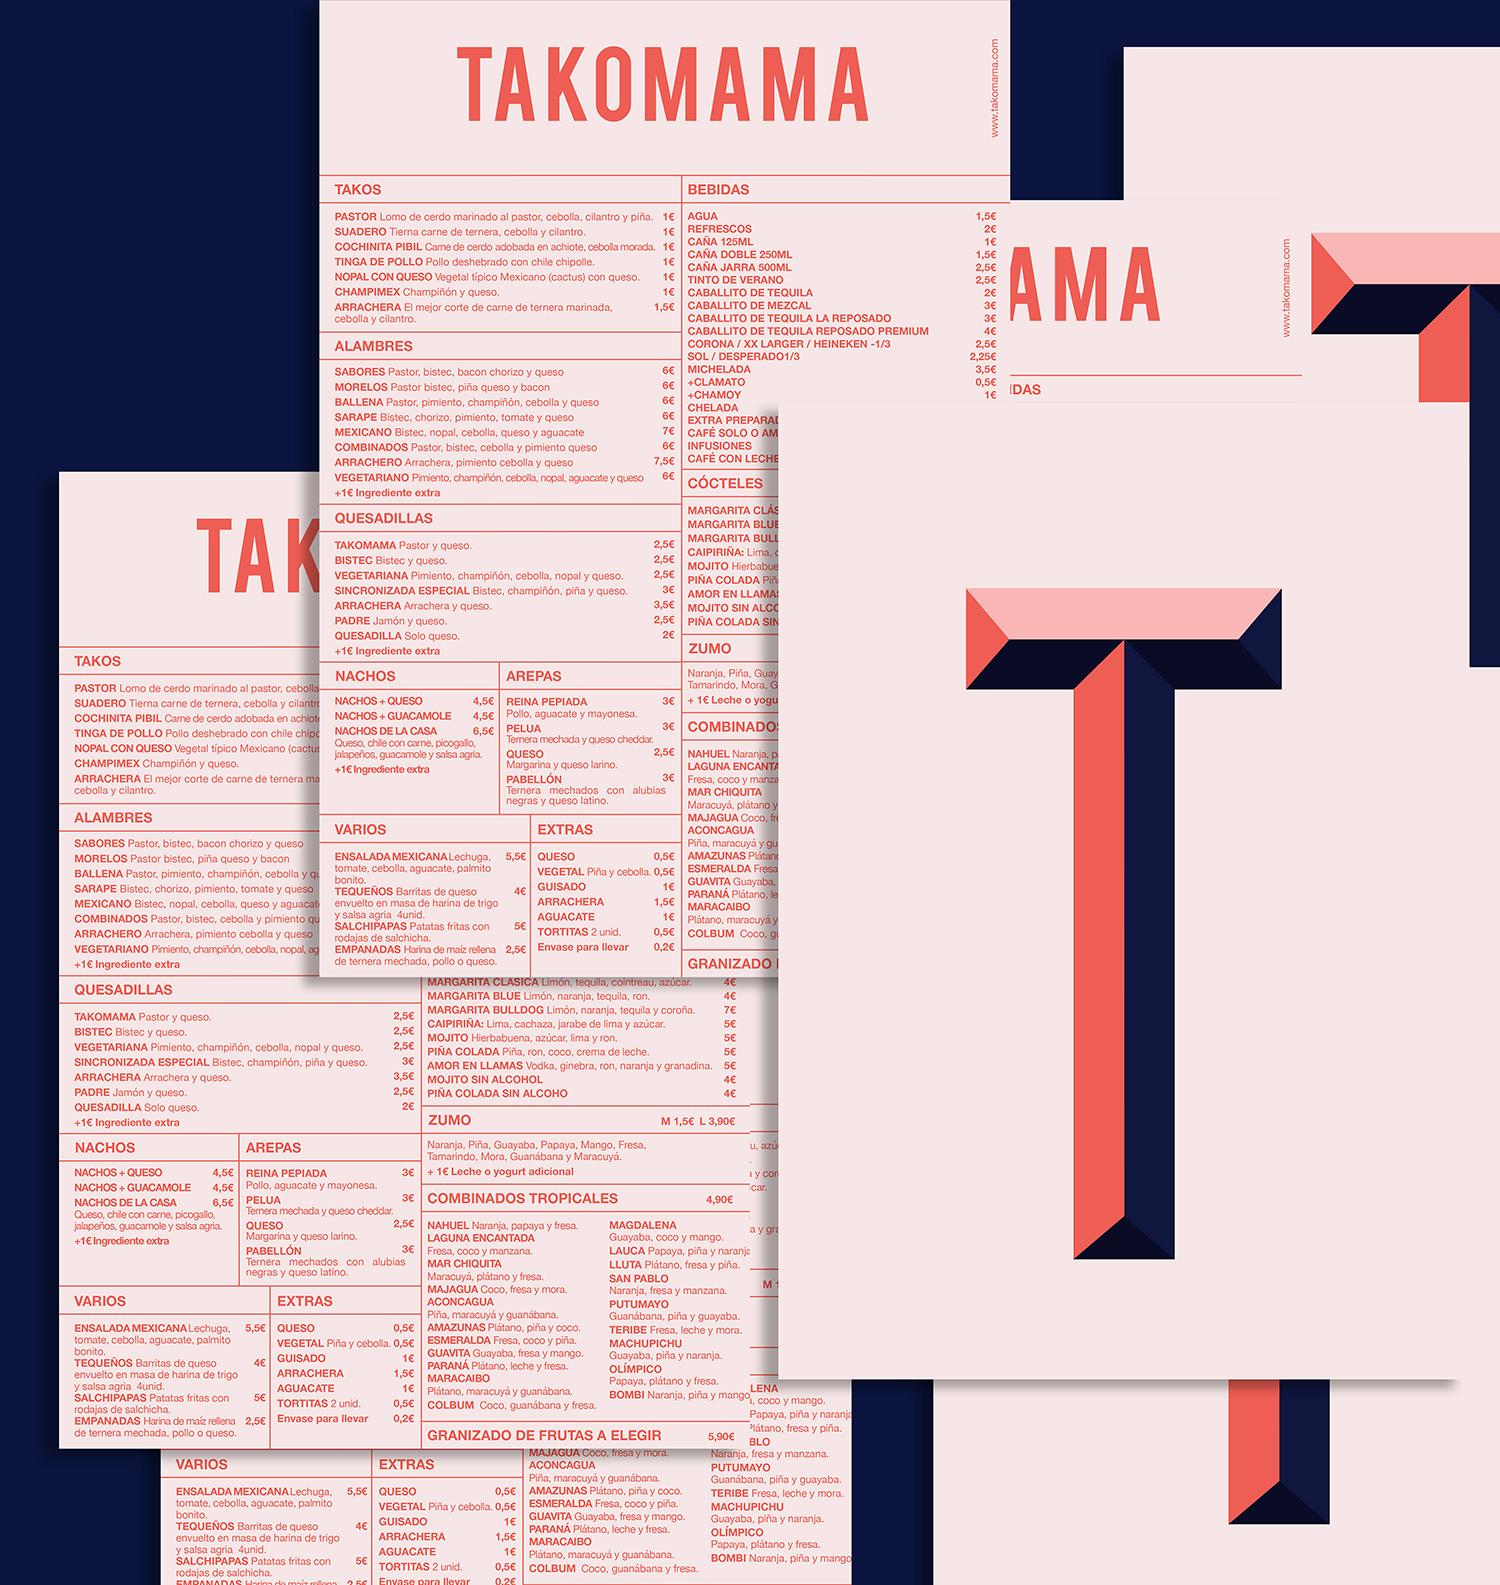 TAKOMAMA_Elementos